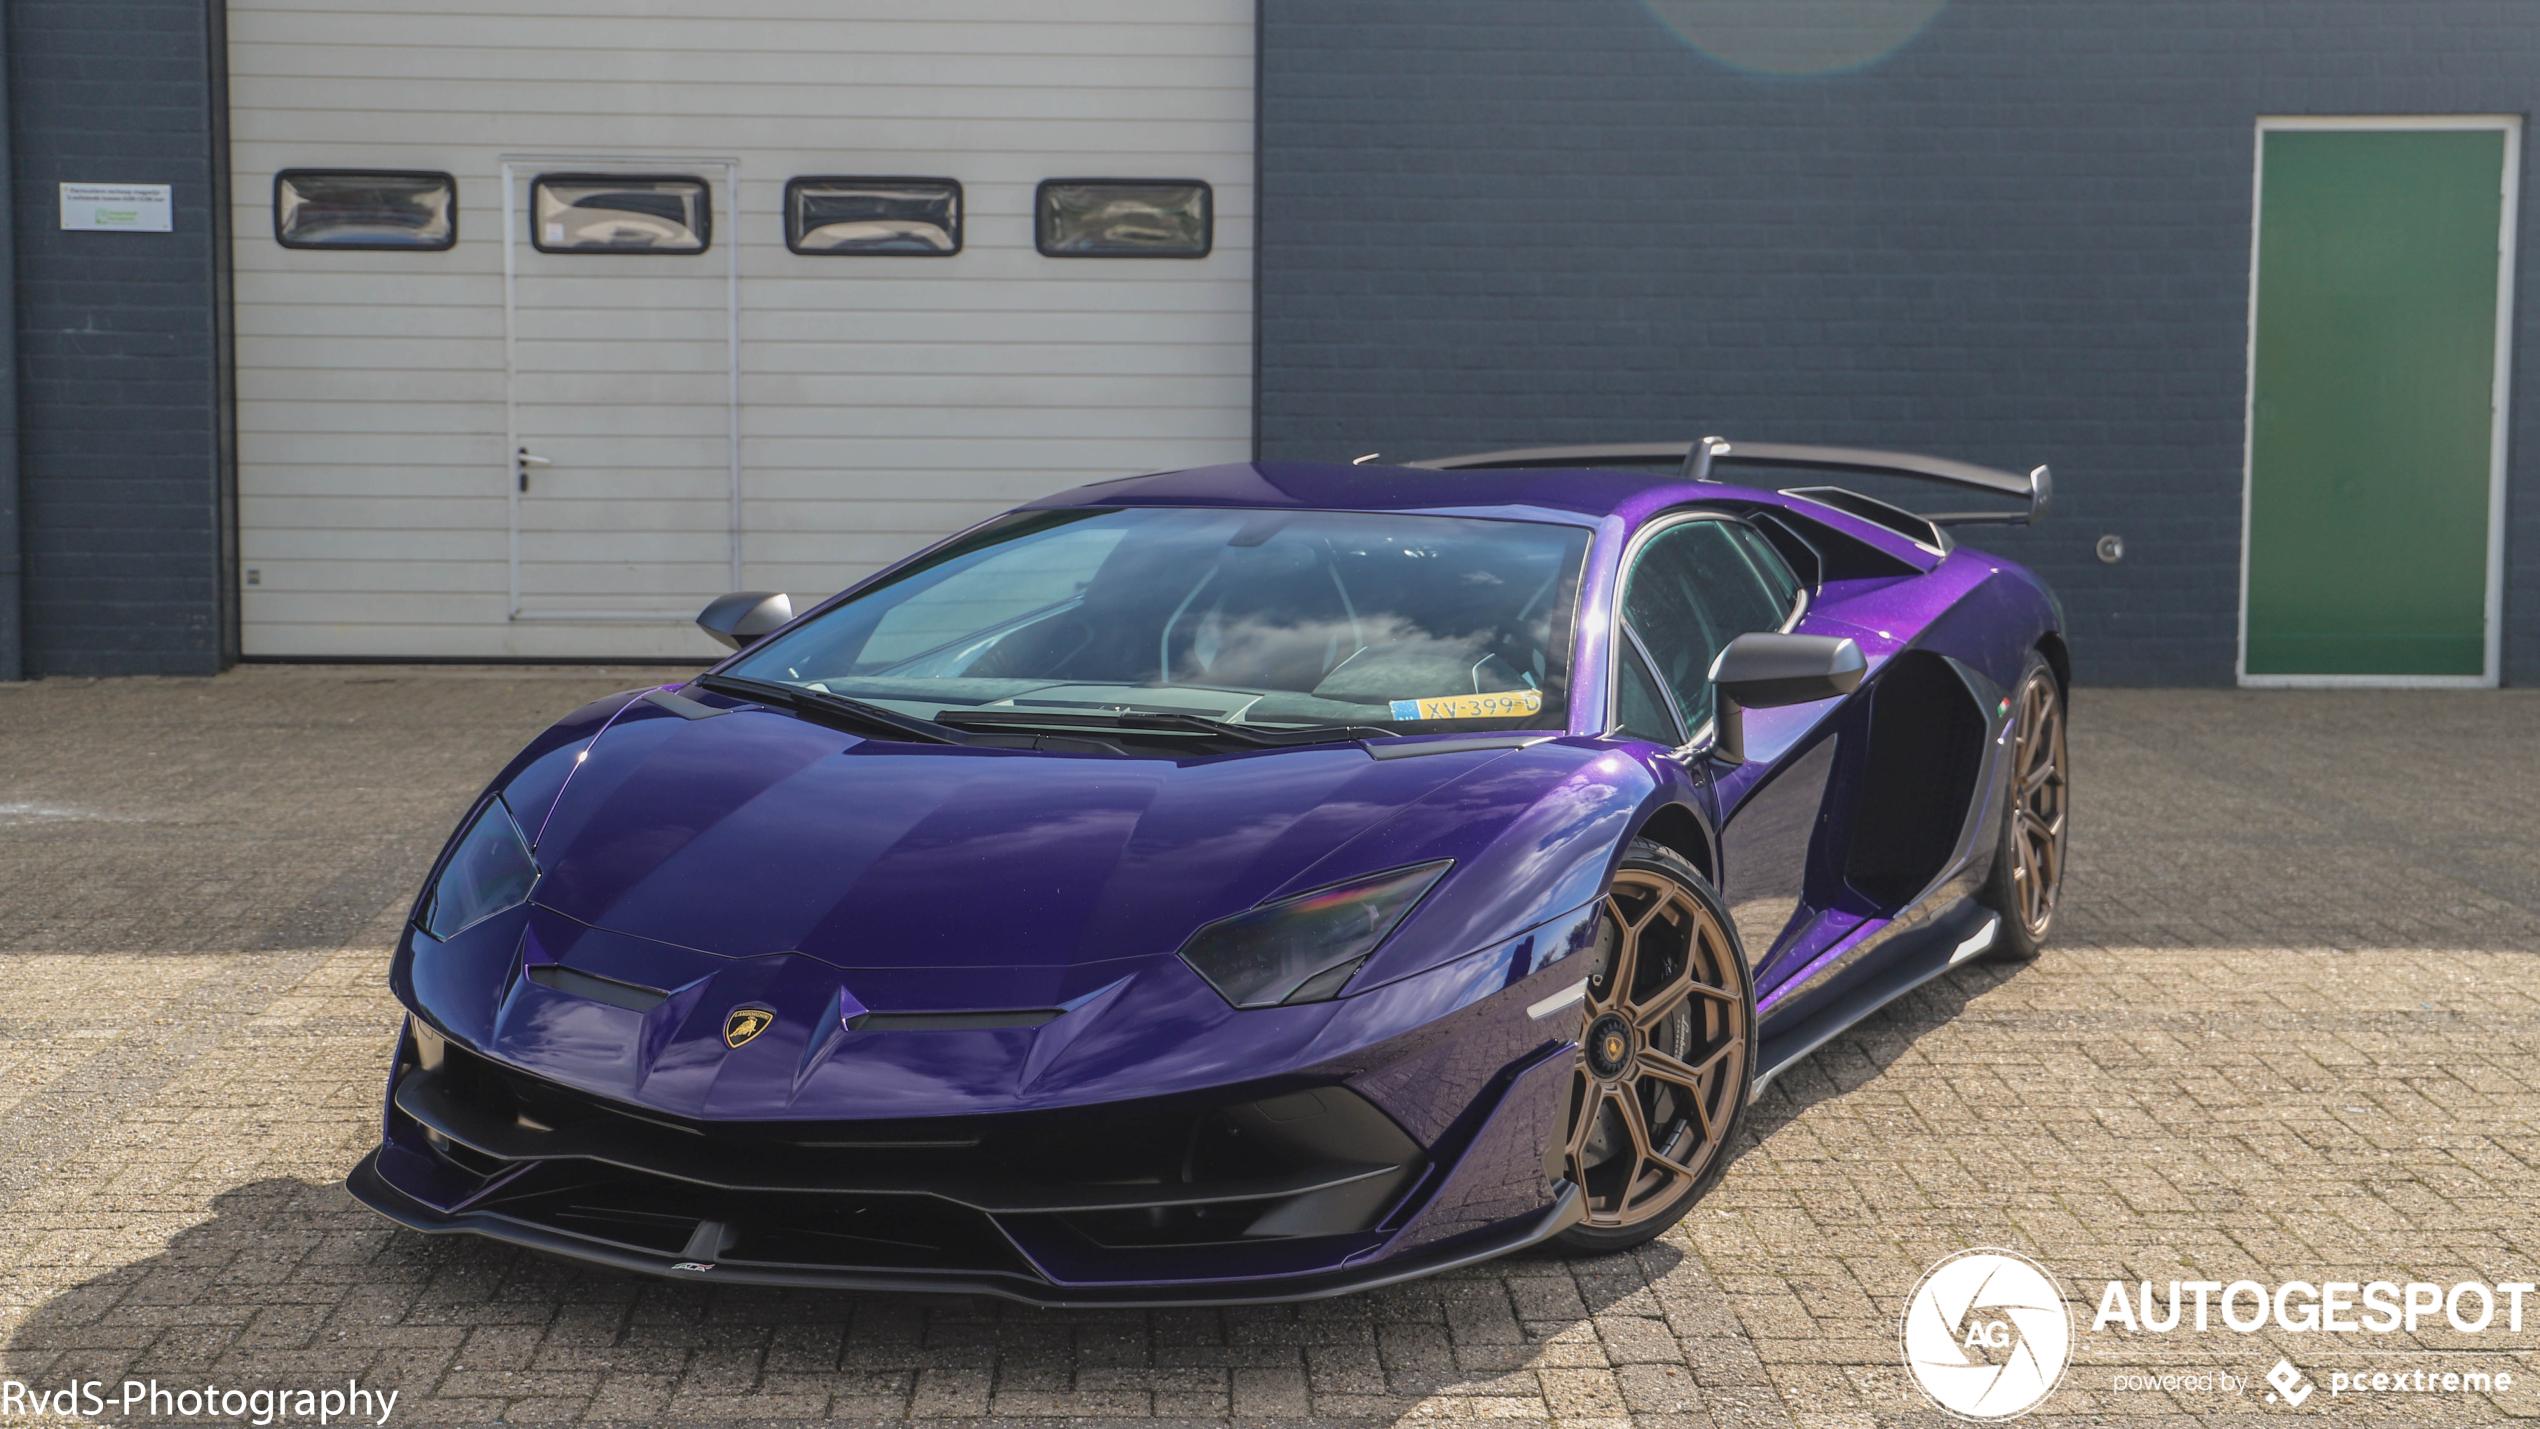 Spot van de dag: Lamborghini Aventador SVJ